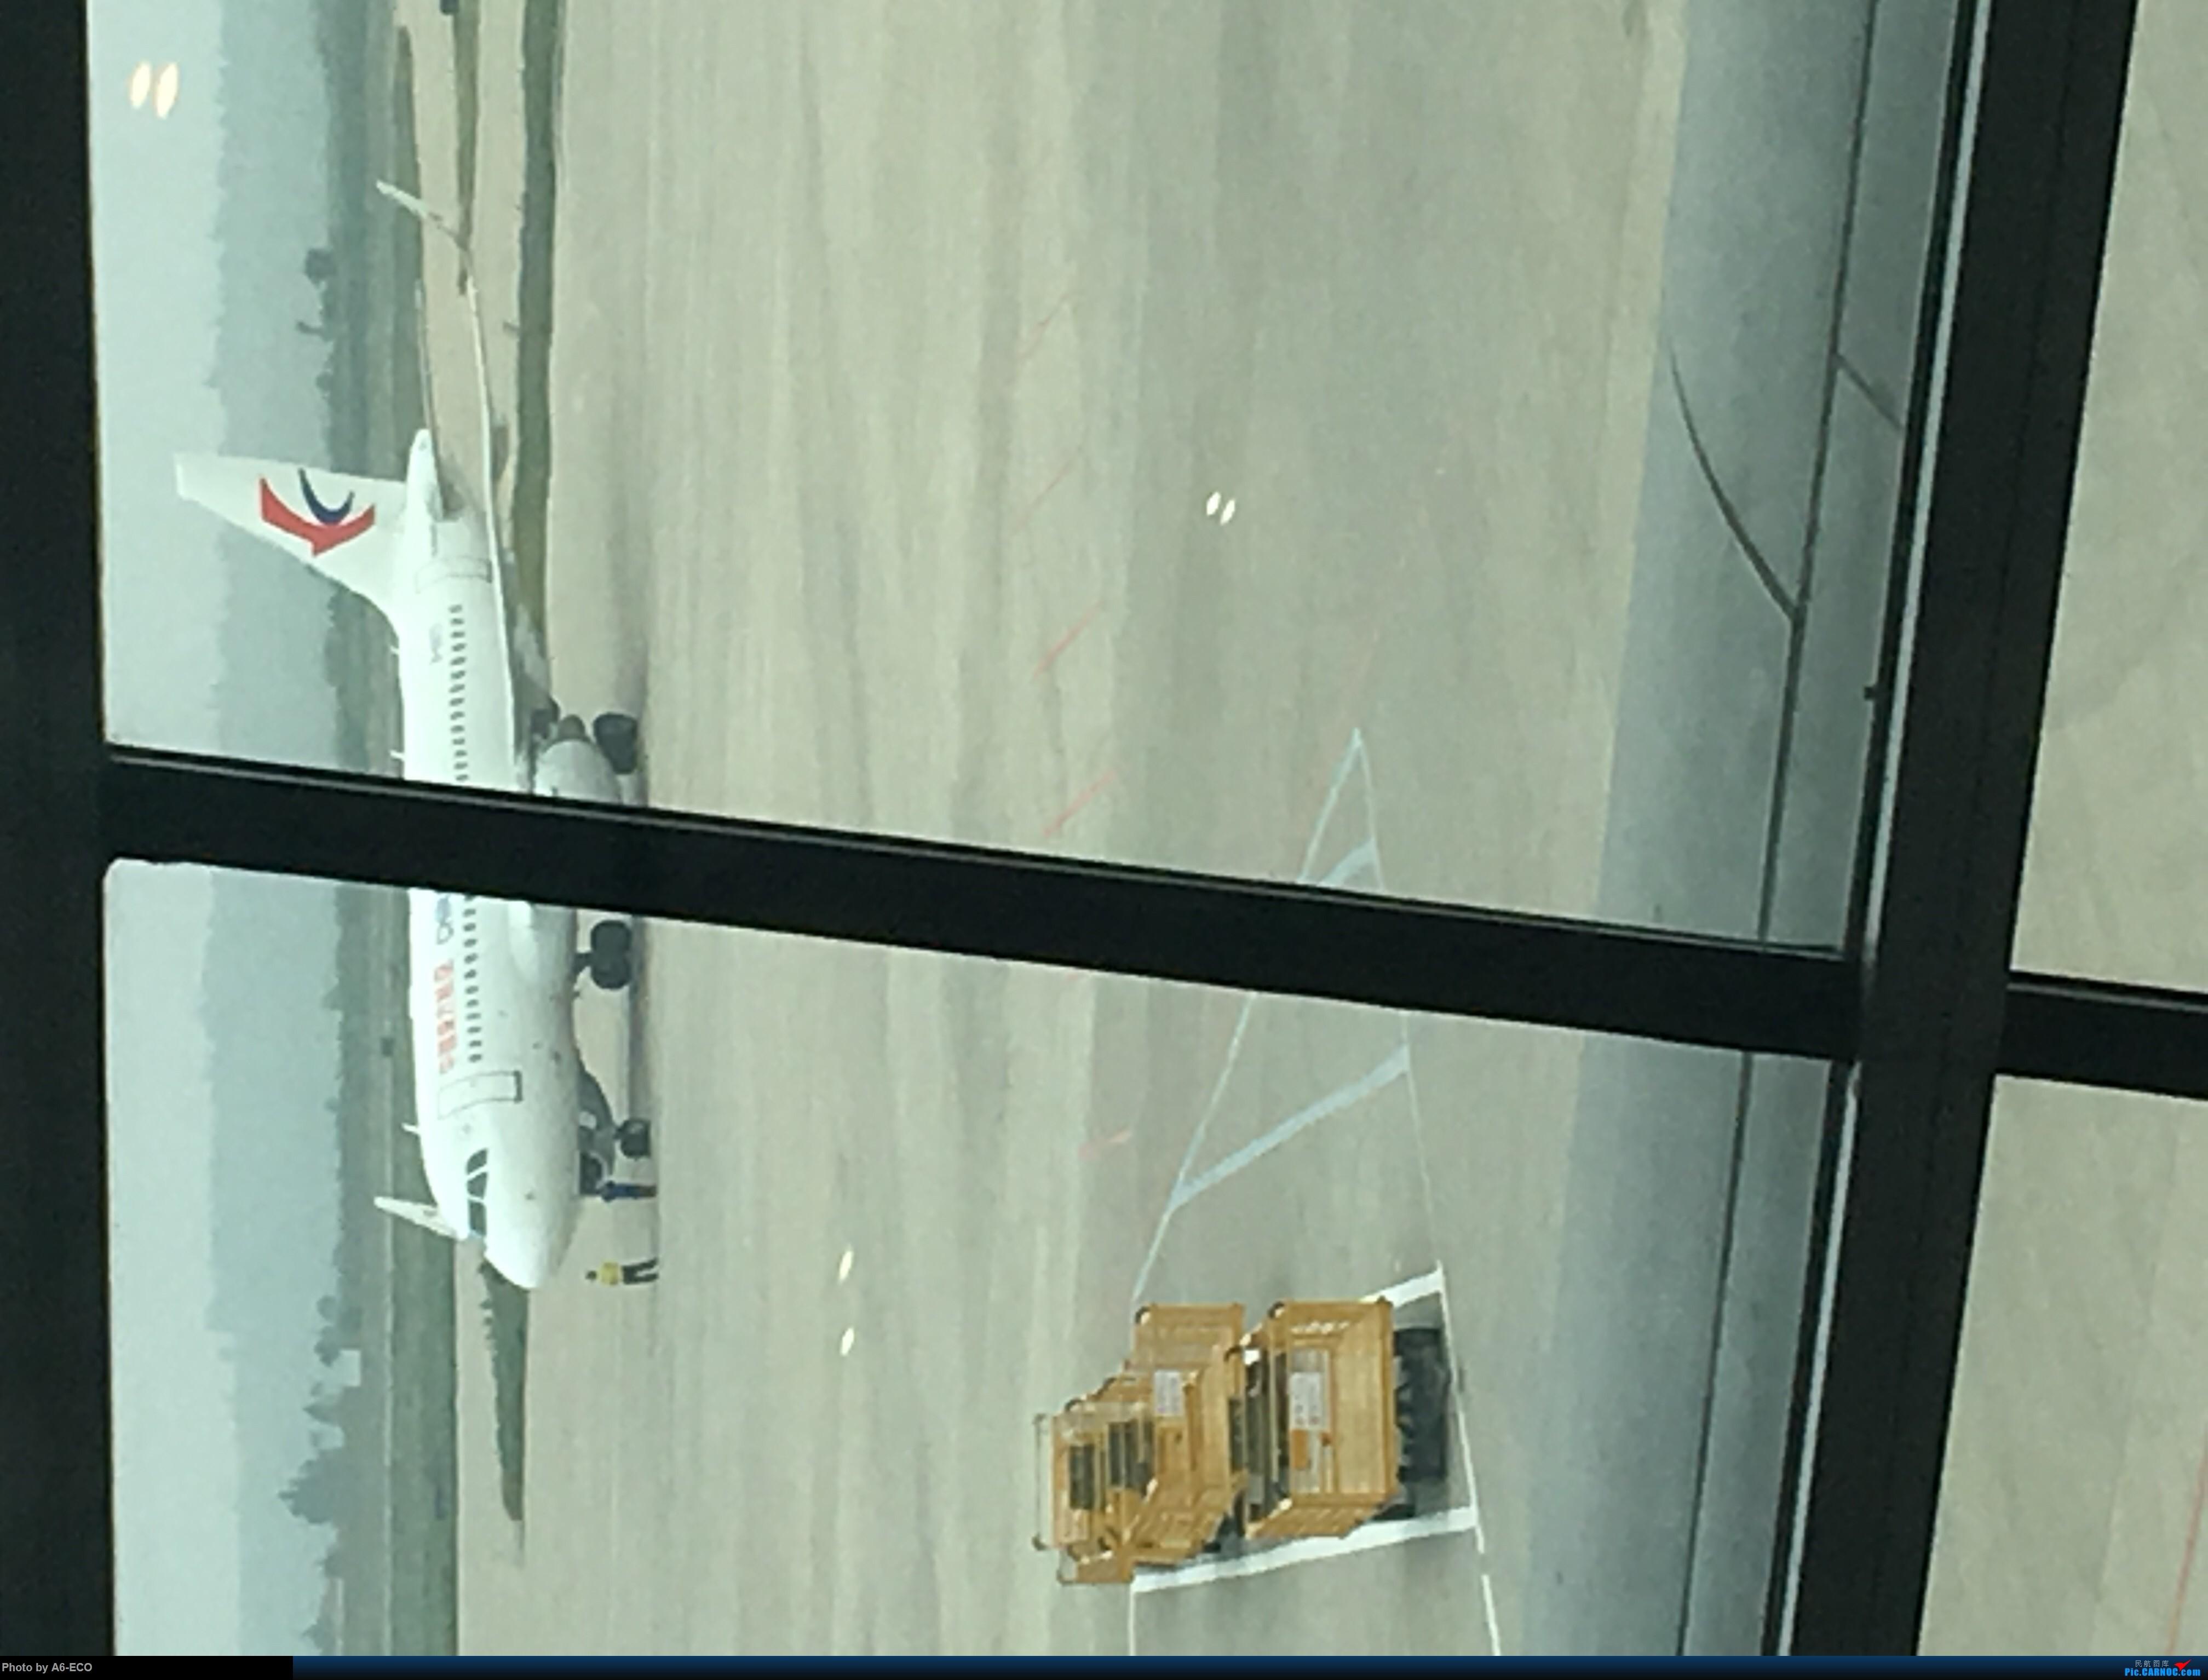 Re:[原创]#Siri旅行#dsn-pek,擦1144体验记 AIRBUS A319-100 B-6472 中国鄂尔多斯伊金霍洛机场